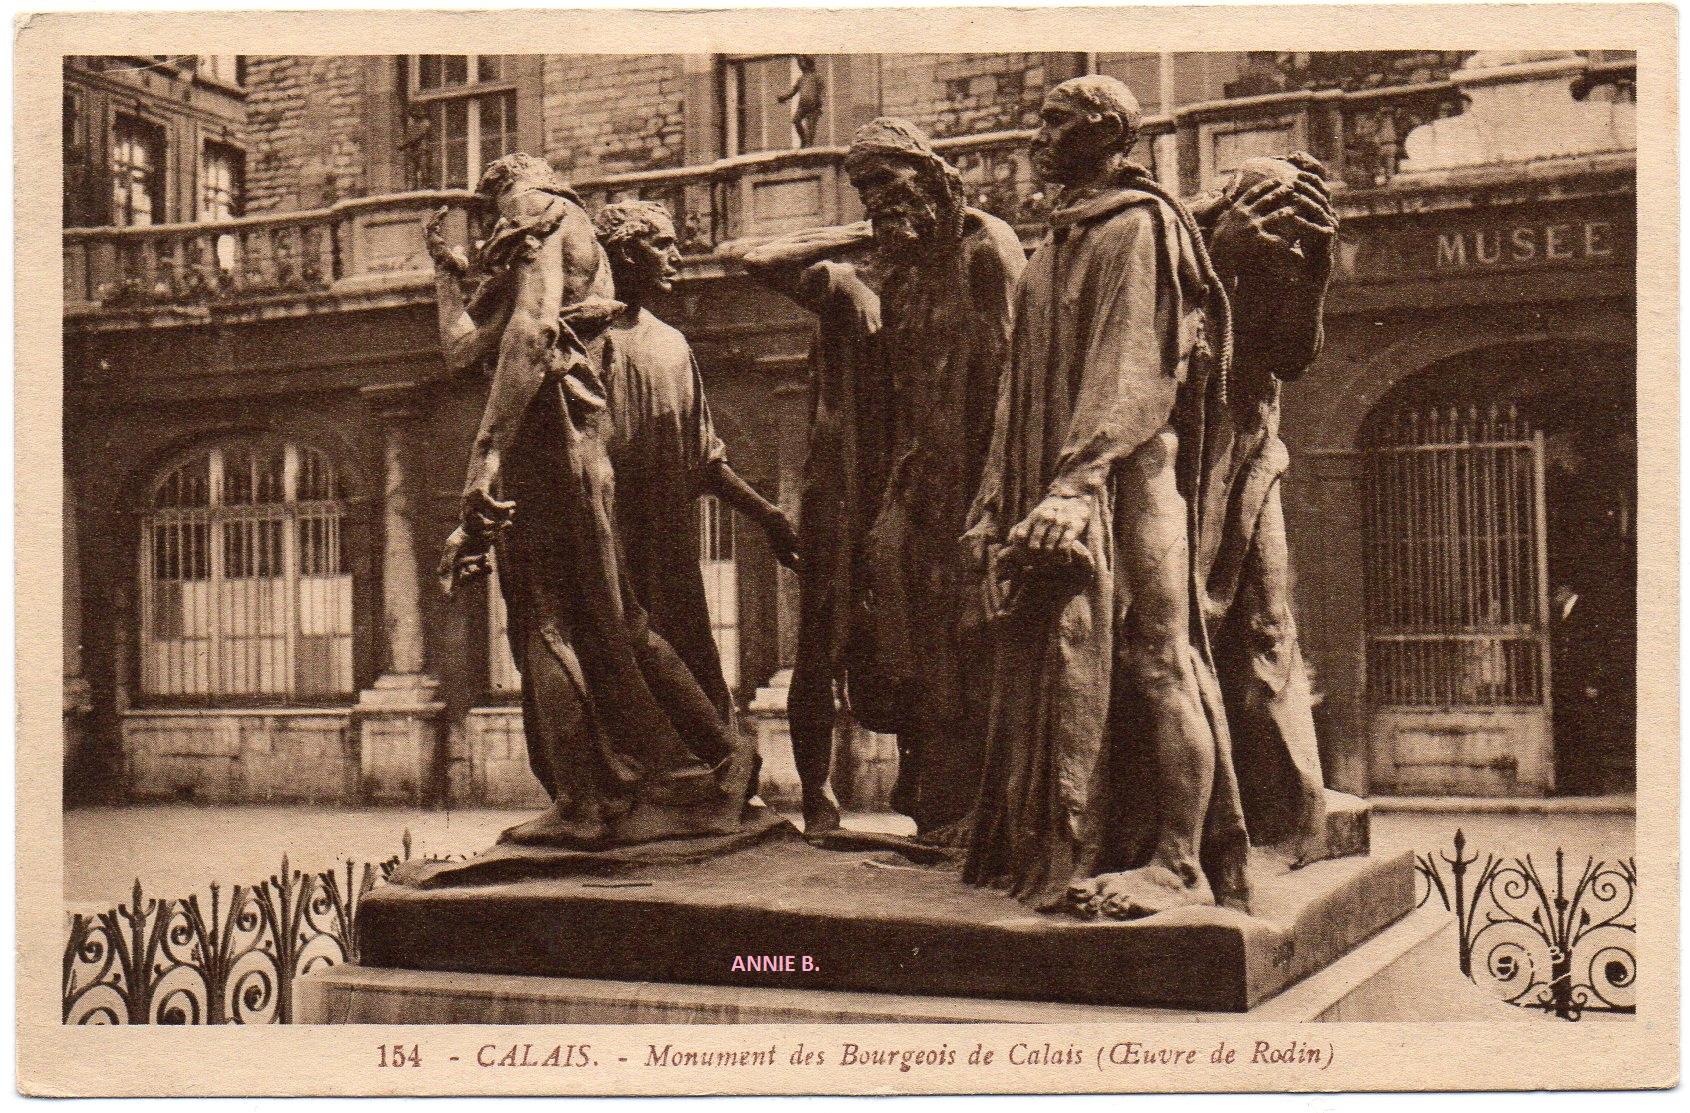 Le monument des Six Bourgeois de Calais